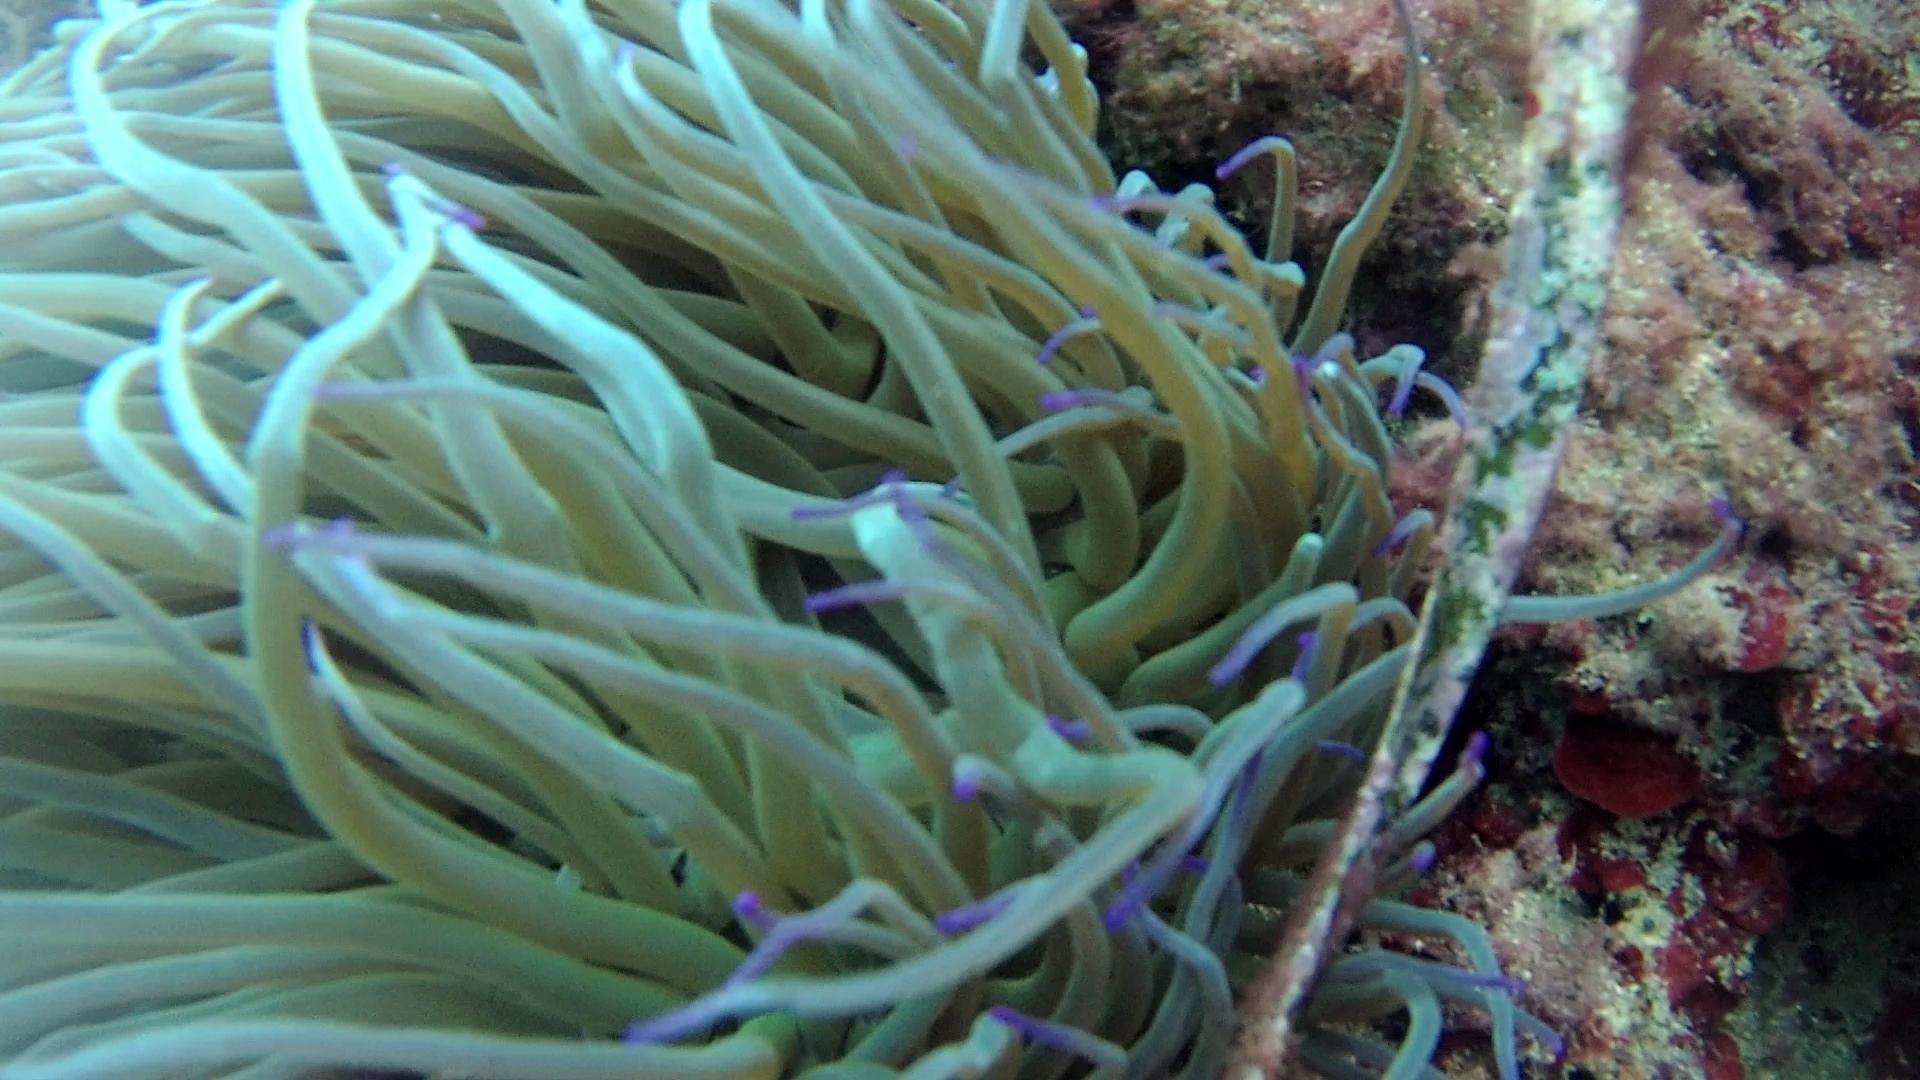 Anemone di Mare Anemonia sulcata capelli di Venere Mediterranean sea Anemone Venus hair intotheblue.it